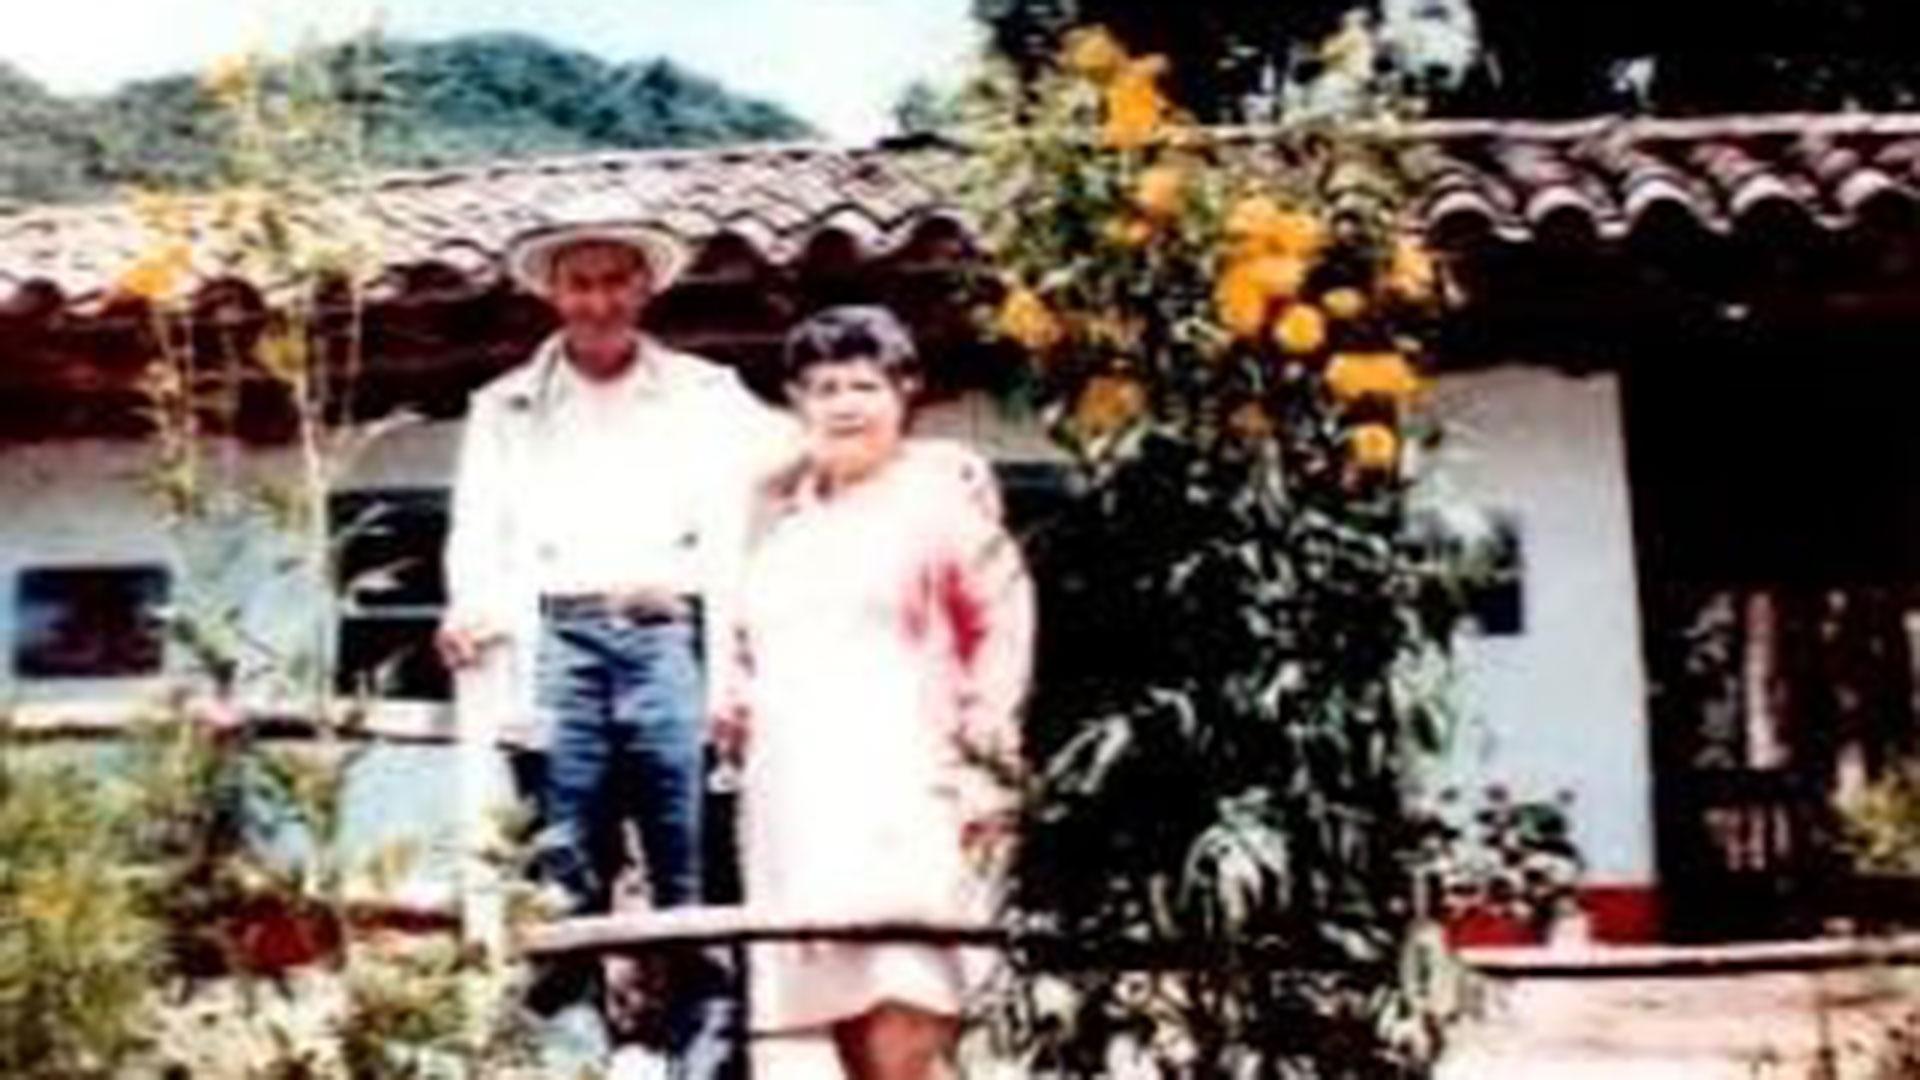 Discreción Un Secuestro Y Una Millonaria Herencia La Historia Del Misterioso Padre De Pablo Escobar Infobae